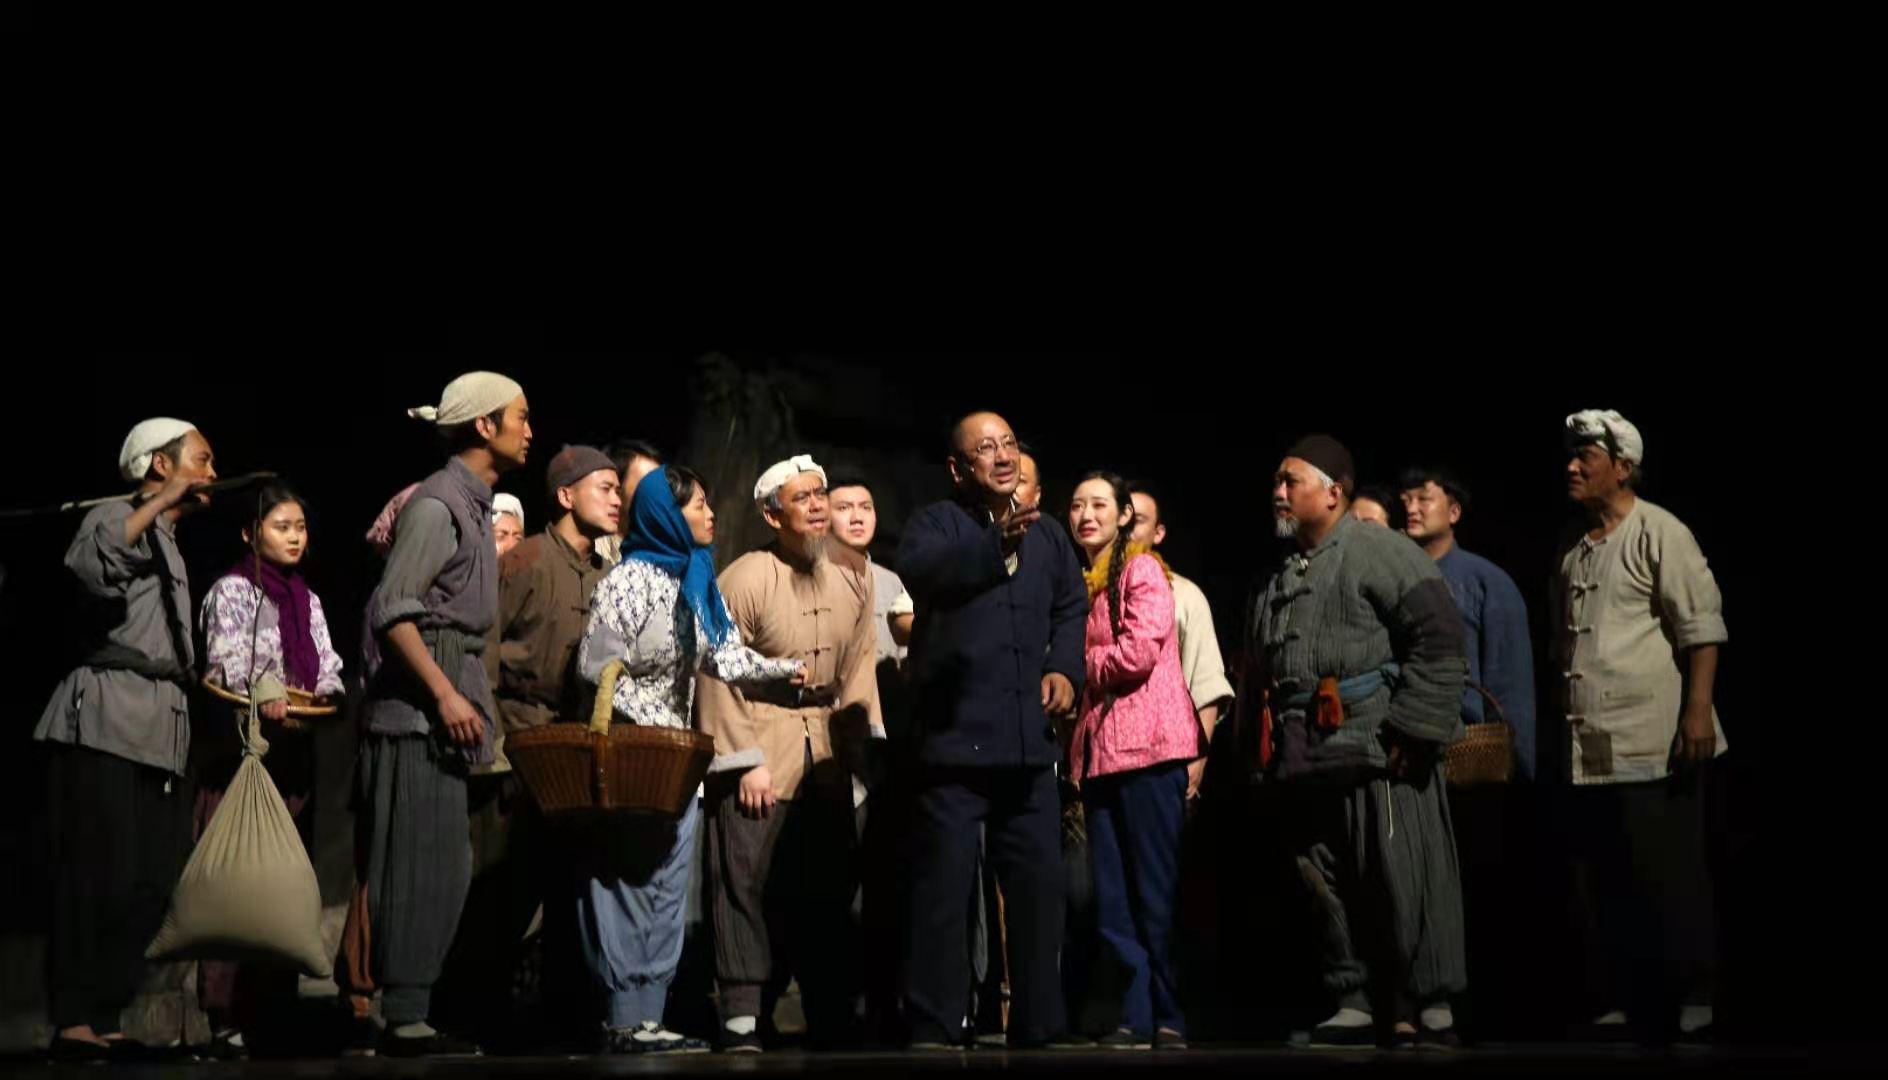 陕西唯一!庆祝中国共产党成立100周年优秀舞台艺术作品展演作品发布 话剧《路遥》入选